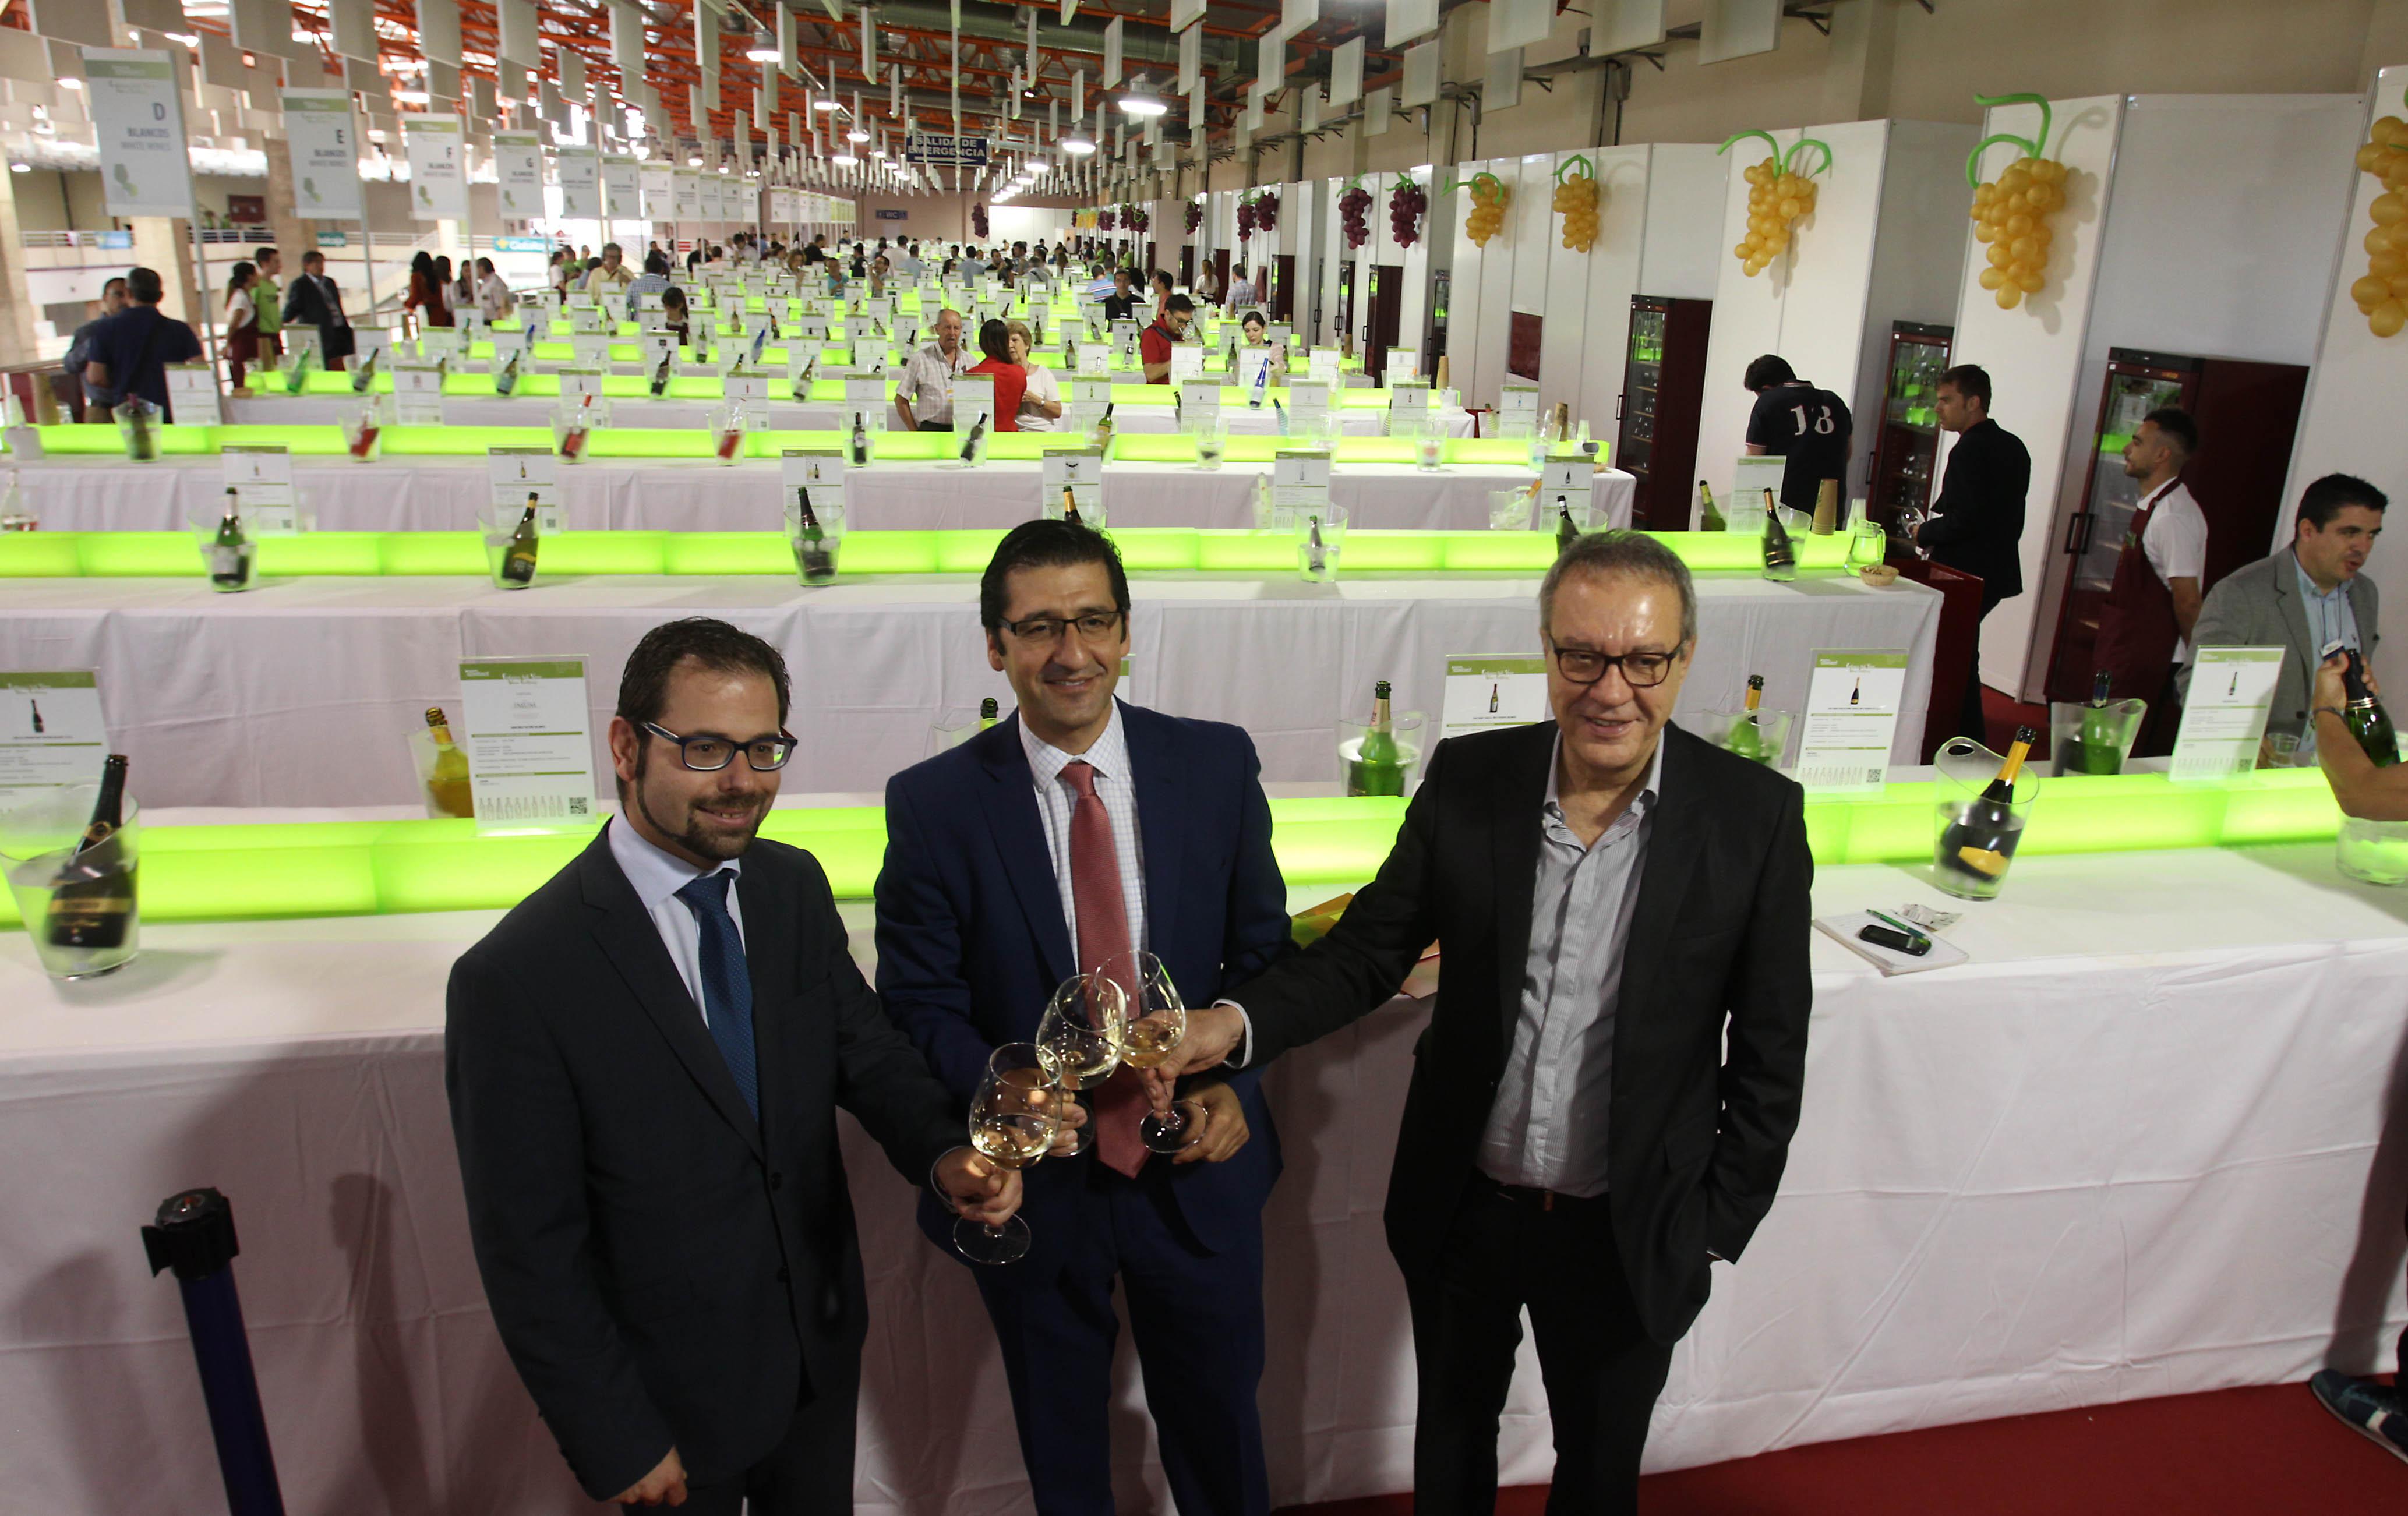 FENAVIN Contact ha testado con gran éxito la marca y el buen nombre de la Feria Nacional del Vino